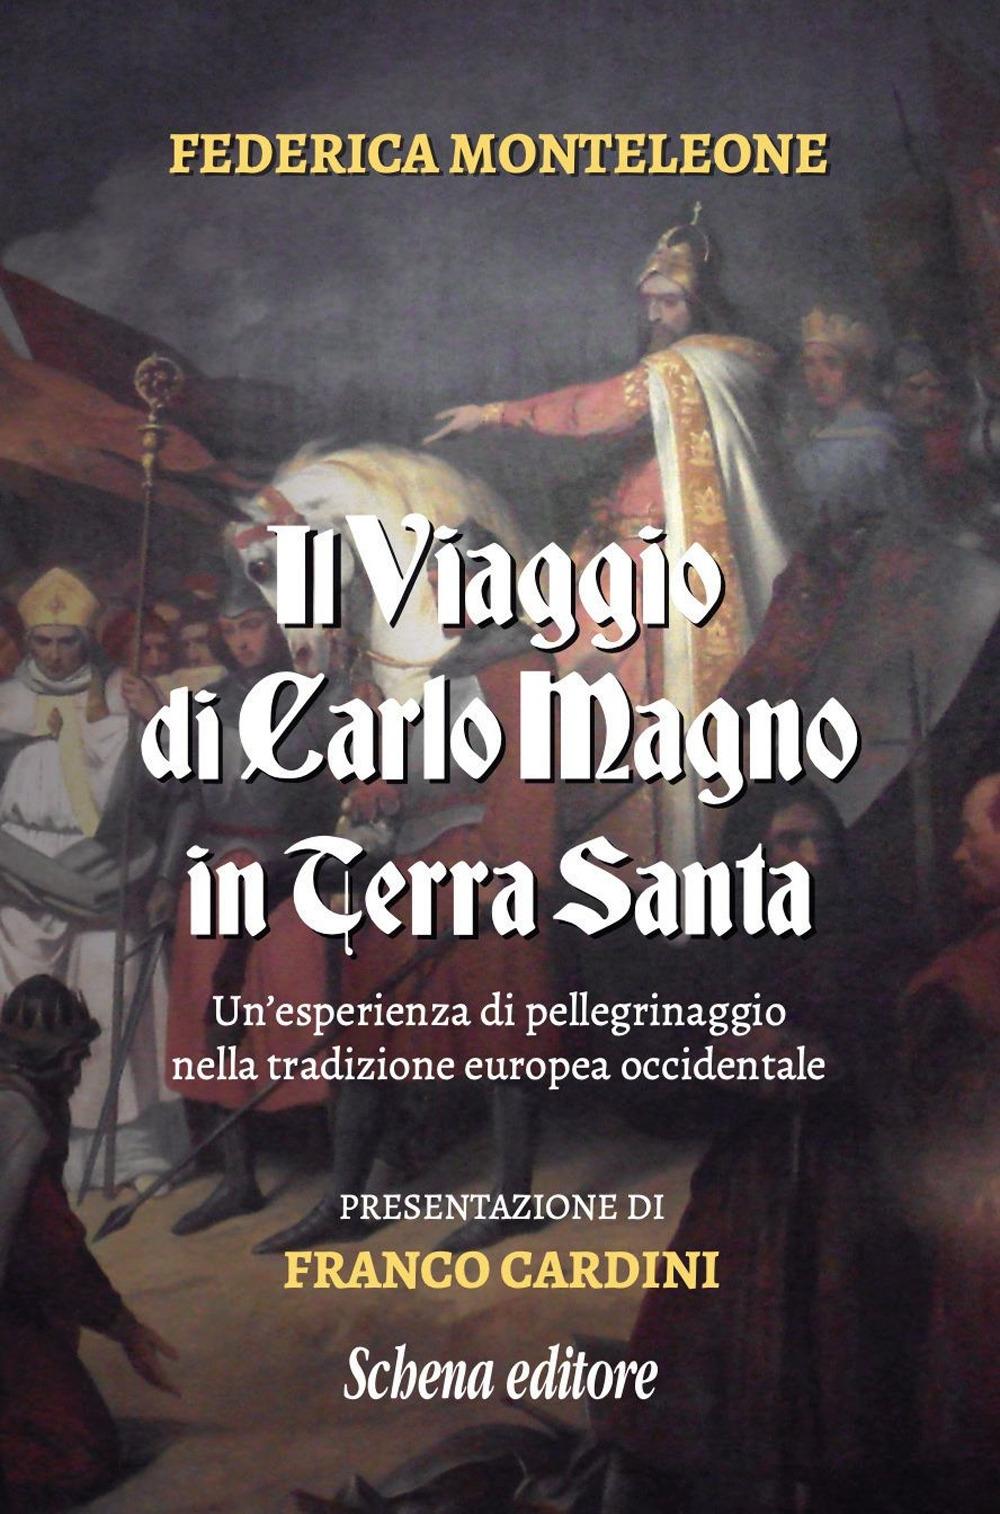 Il viaggio di Carlo Magno in Terra Santa. Un'esperienza di pellegrinaggio nella tradizione europea occidentale